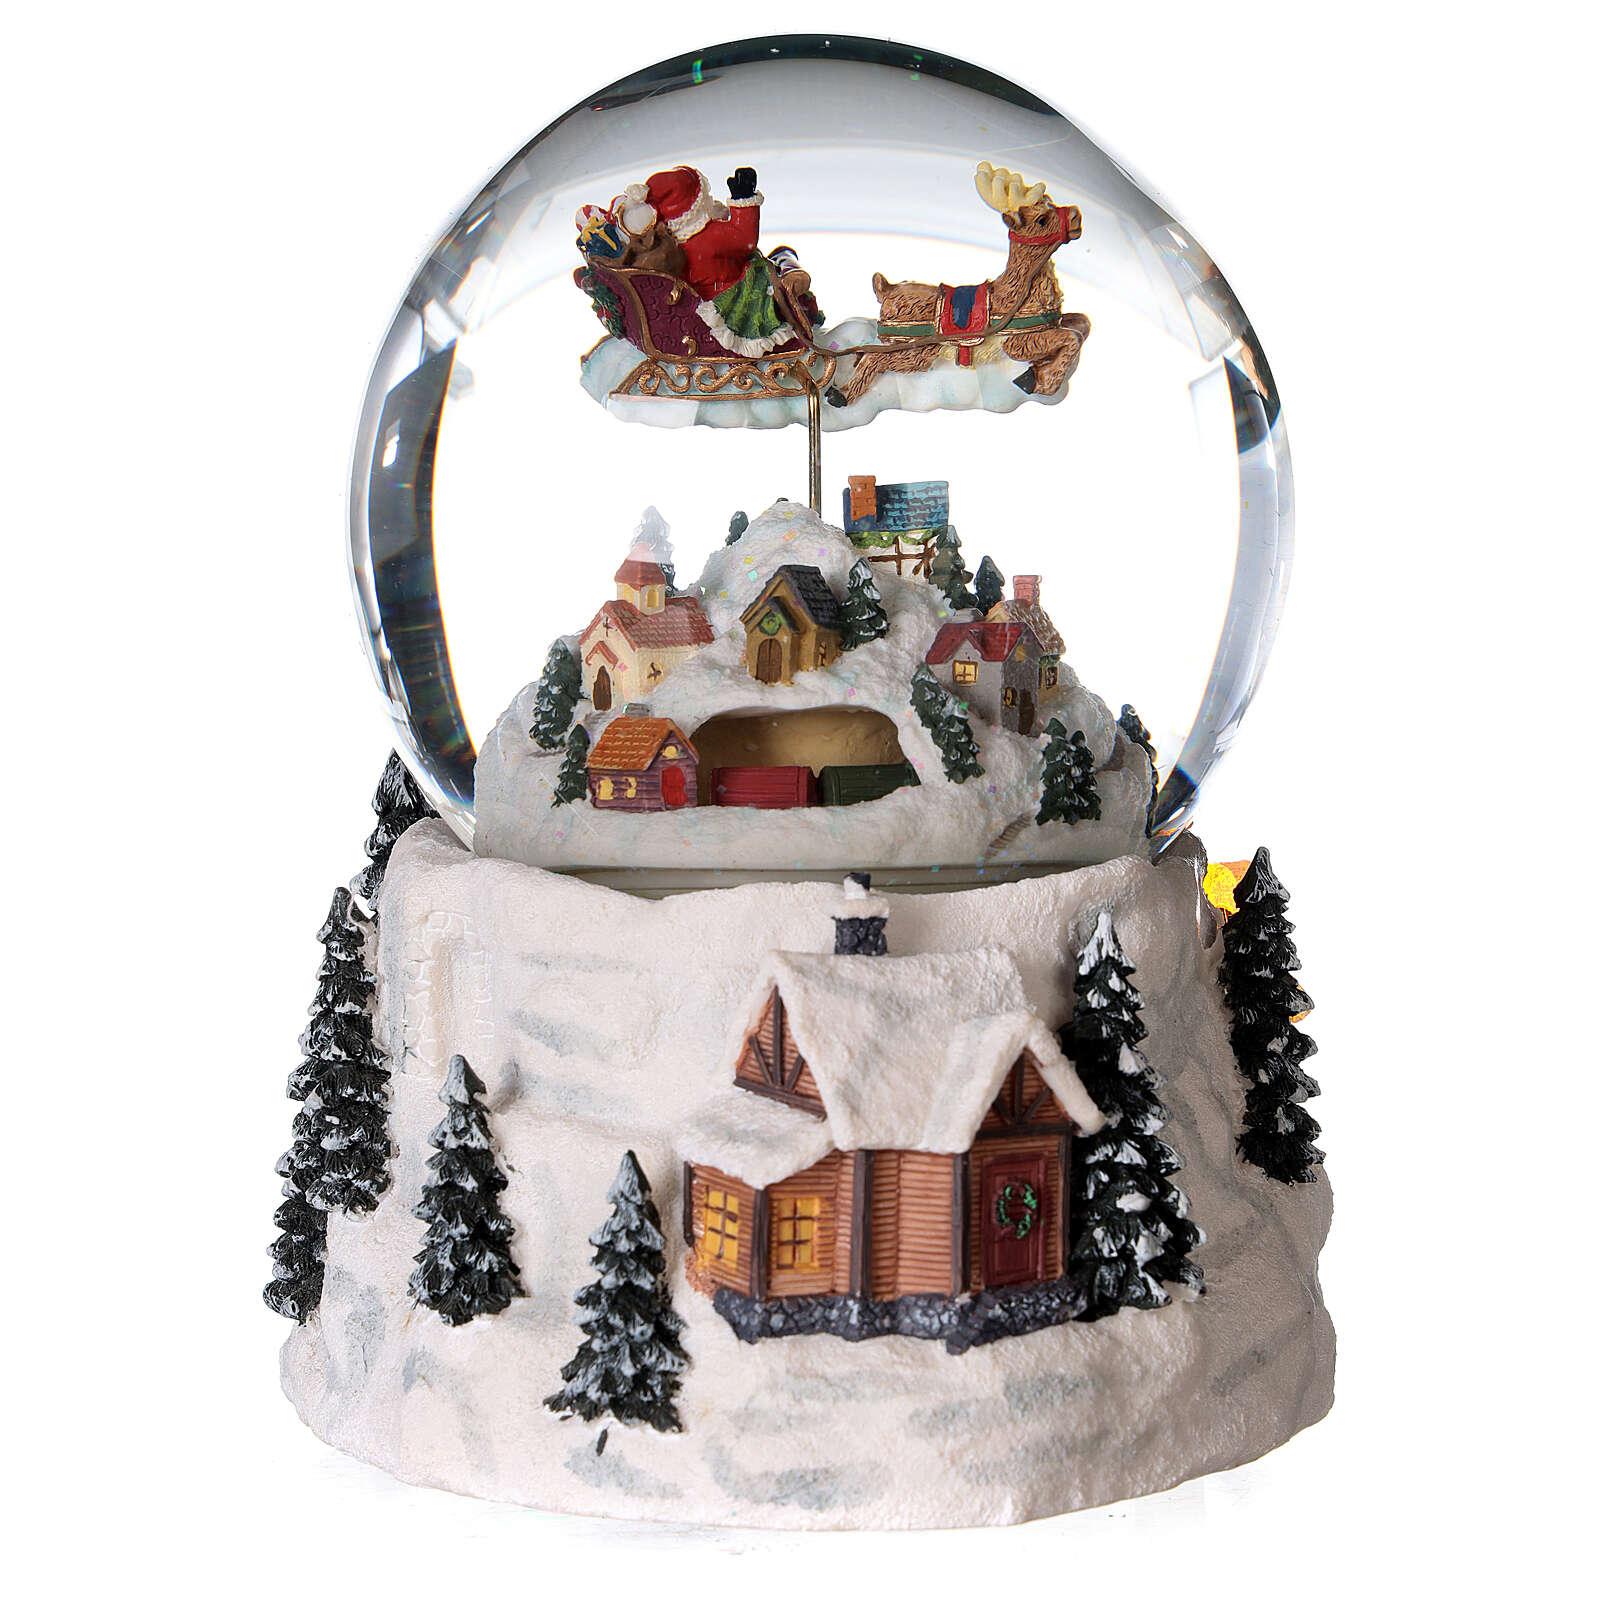 Kula ze szkła śnieg brokat miasteczko bożonarodzeniowe z rzeką 12 cm 3